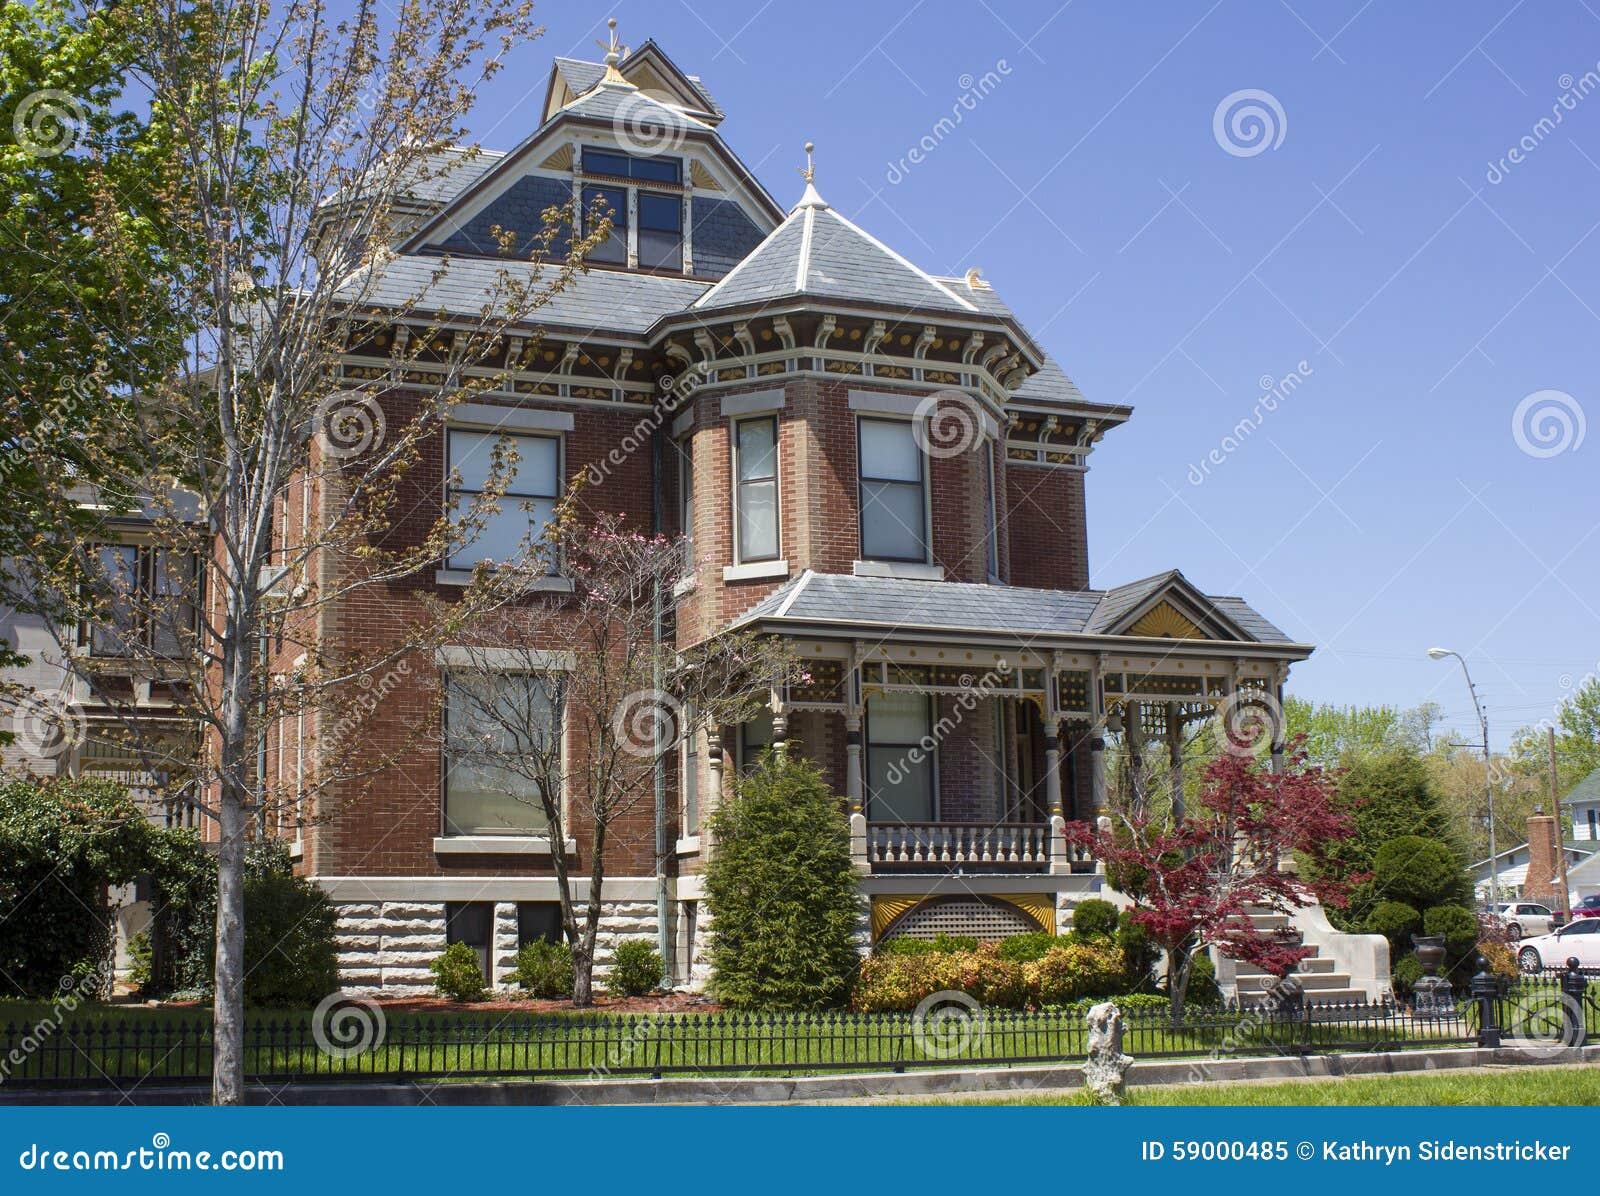 Ansprechend Häuser Stile Foto Von Prächtiges Ziegelstein Viktorianischen Stils In Webb City,